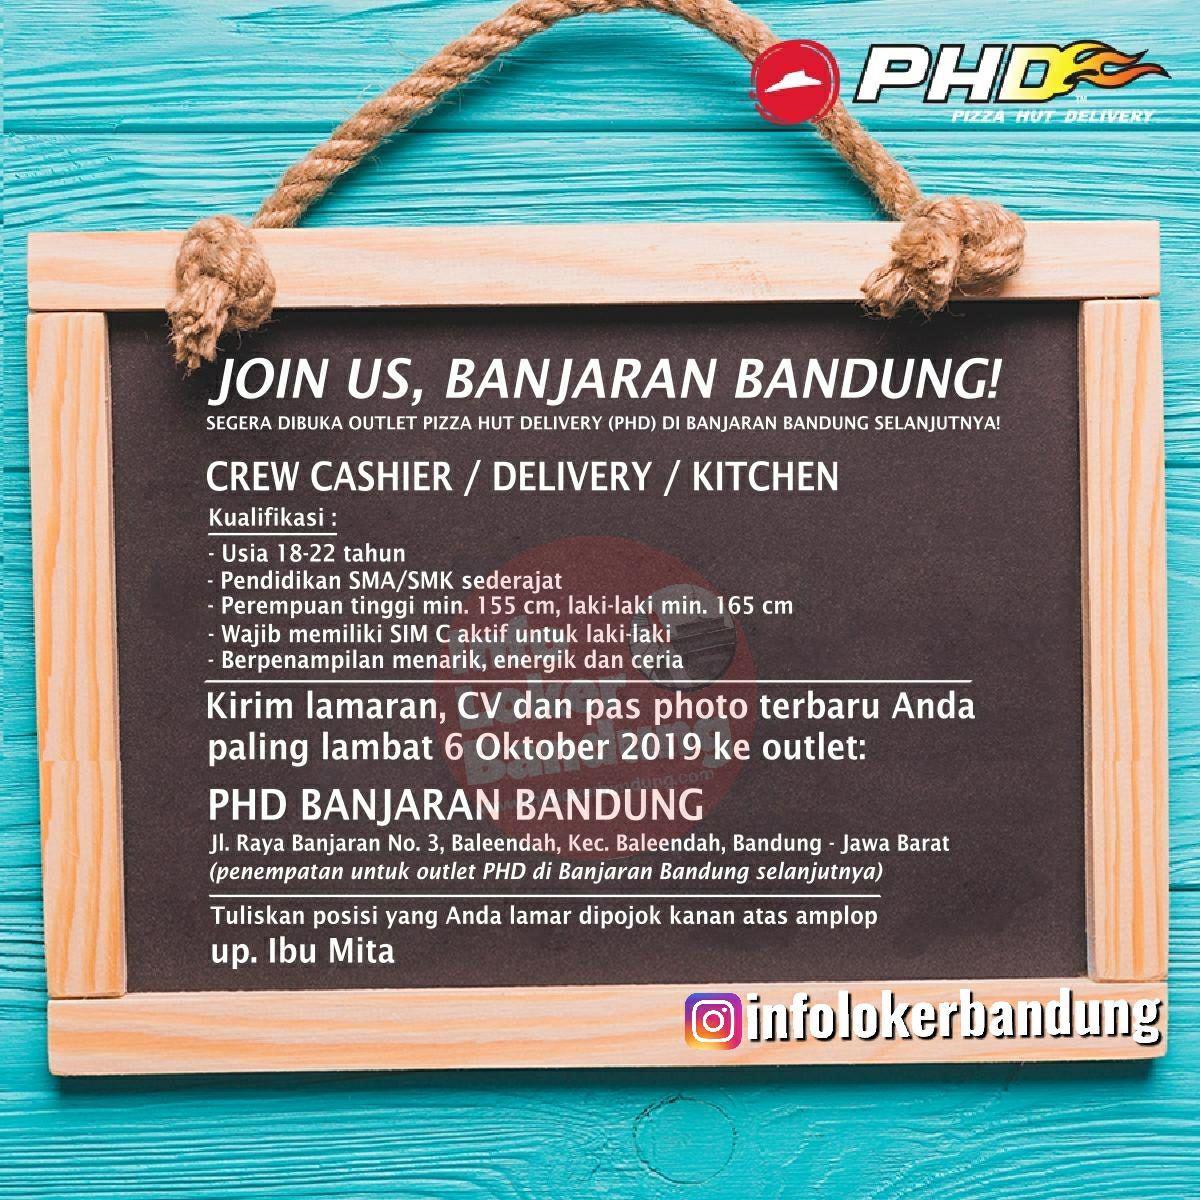 Lowongan Kerja Pizza Hut Delivery (PHD) Banjaran Bandung September 2019